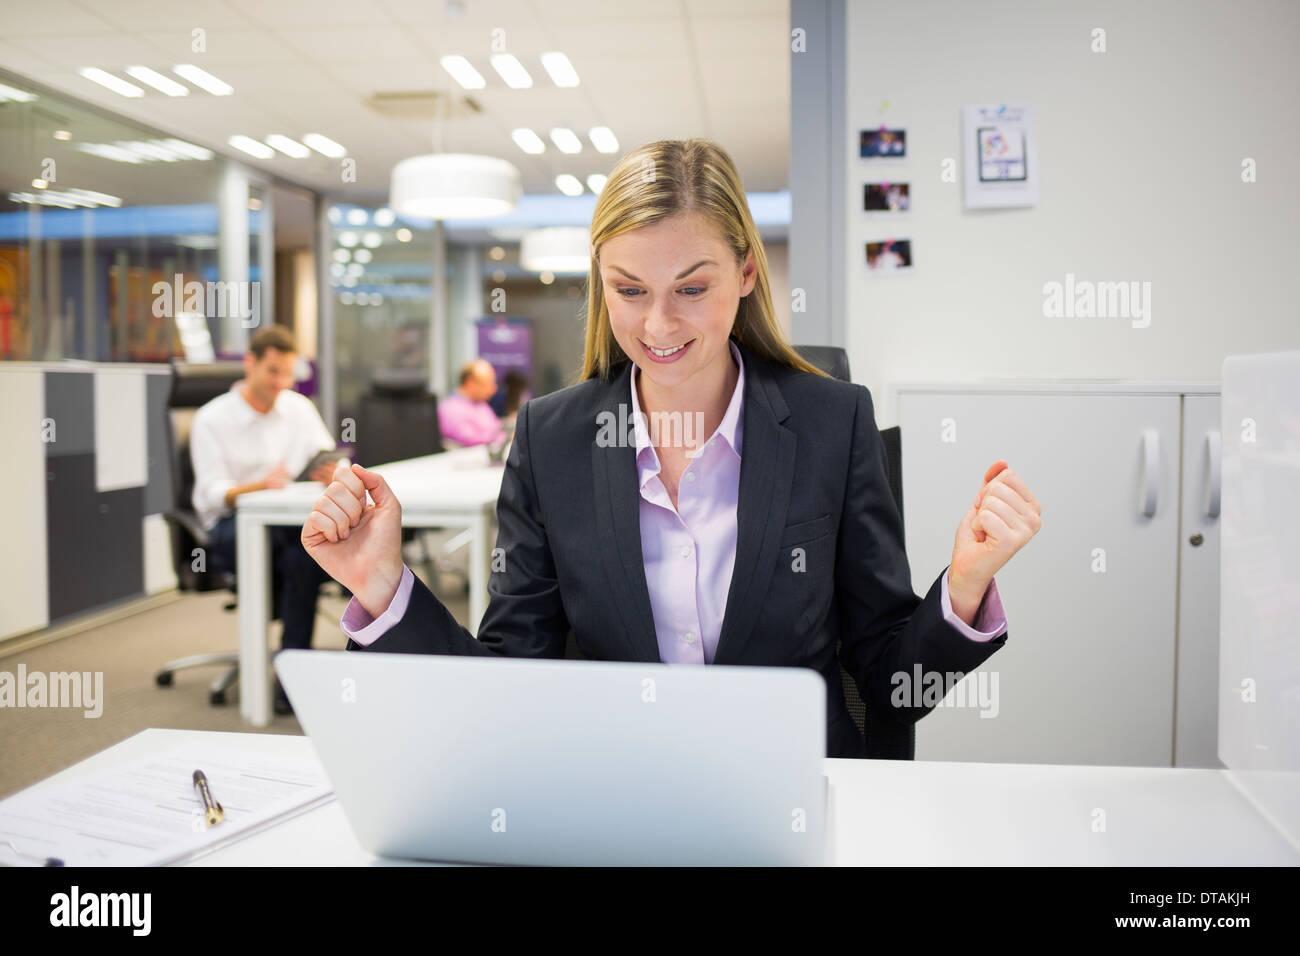 Erfolgreiche Geschäftsfrau mit Arme nach oben im Büro Stockbild